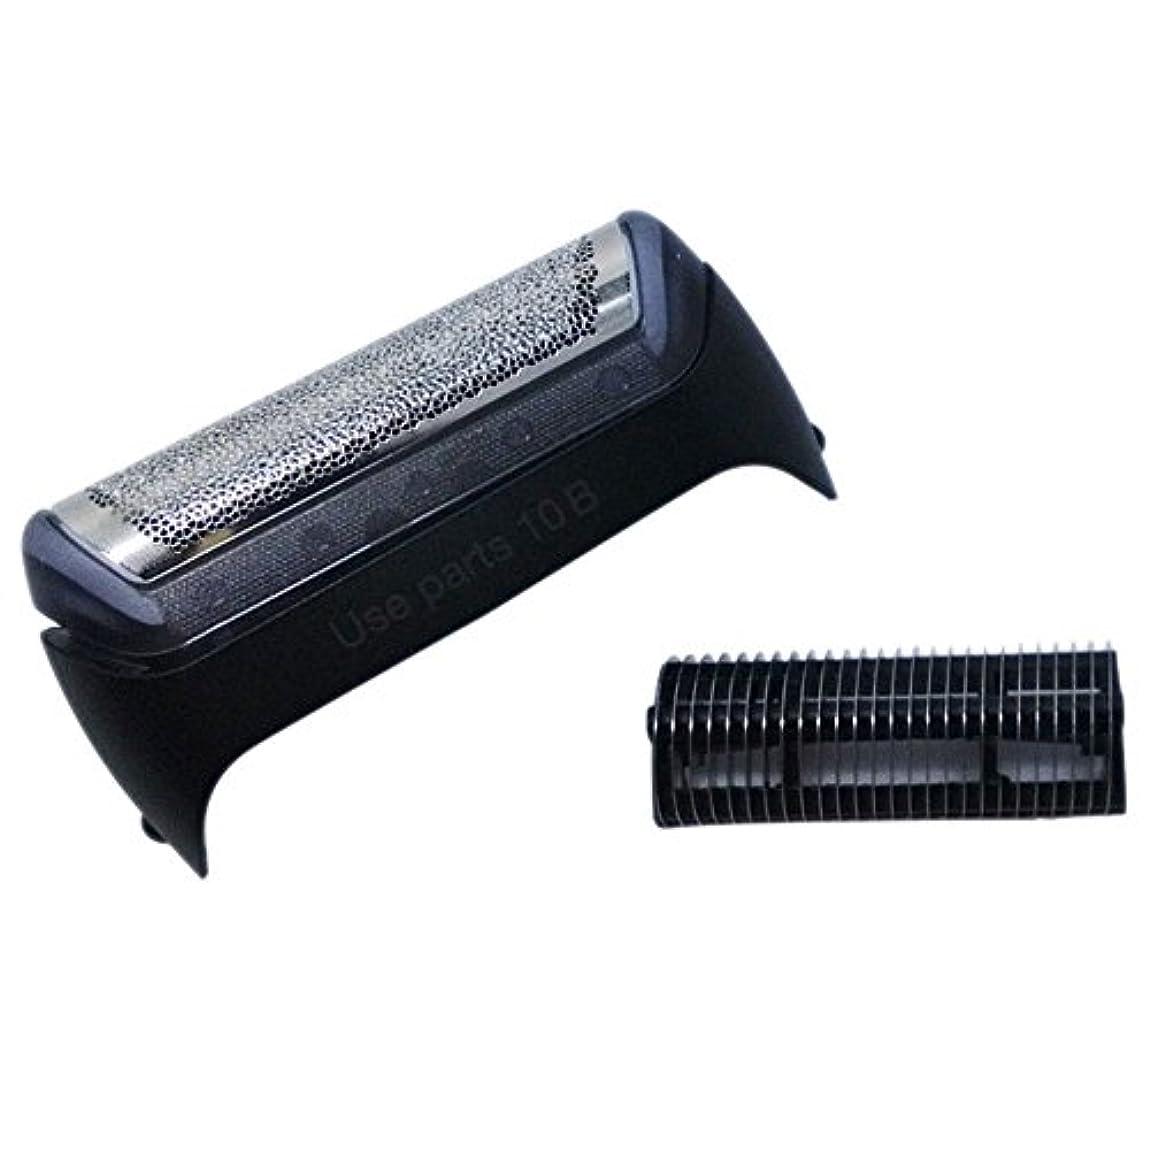 授業料差比類のないHzjundasi シェーバー かみそり フォイル + カッター Set 10B 20B 置換 for Braun 170 180 190 190S-1